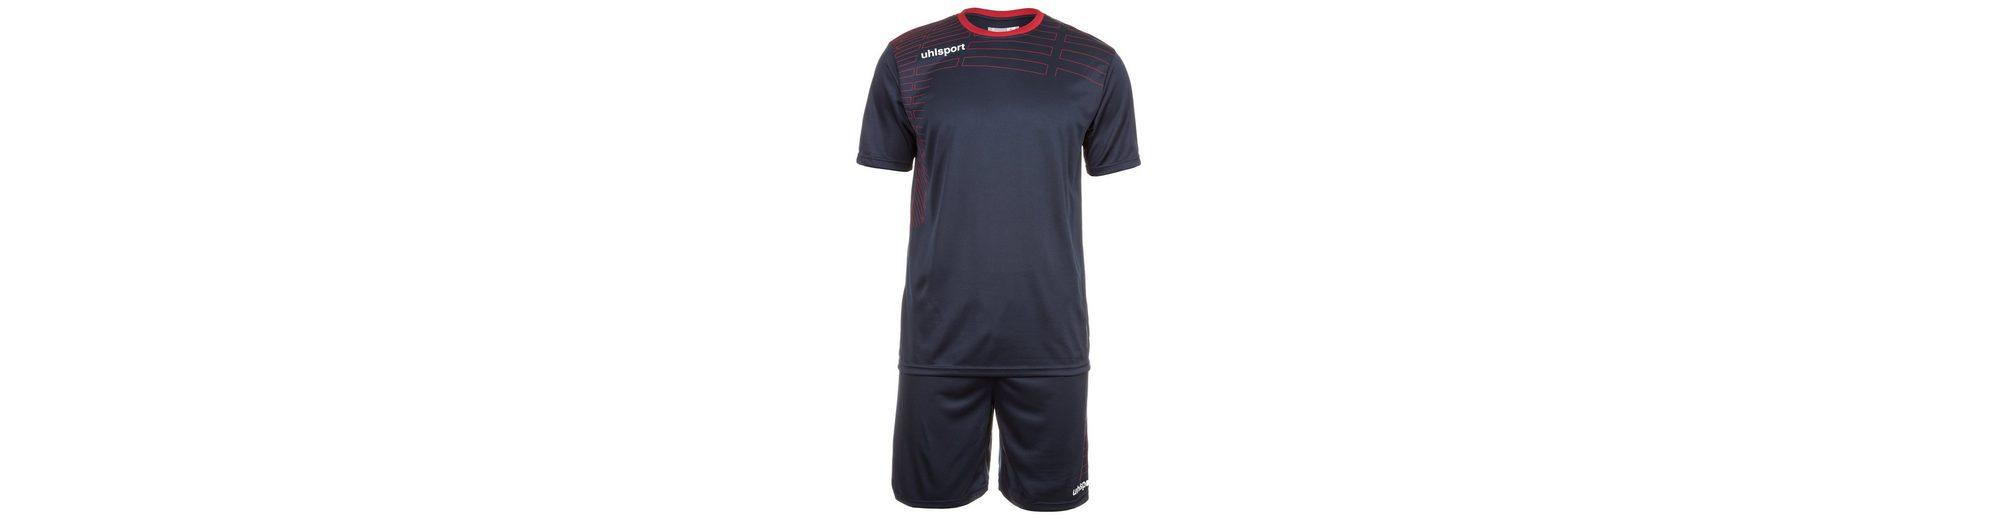 UHLSPORT Match Team Kit Shortsleeve Herren Günstig Kaufen Besten Großhandel Freiheit Genießen RHNXKQs